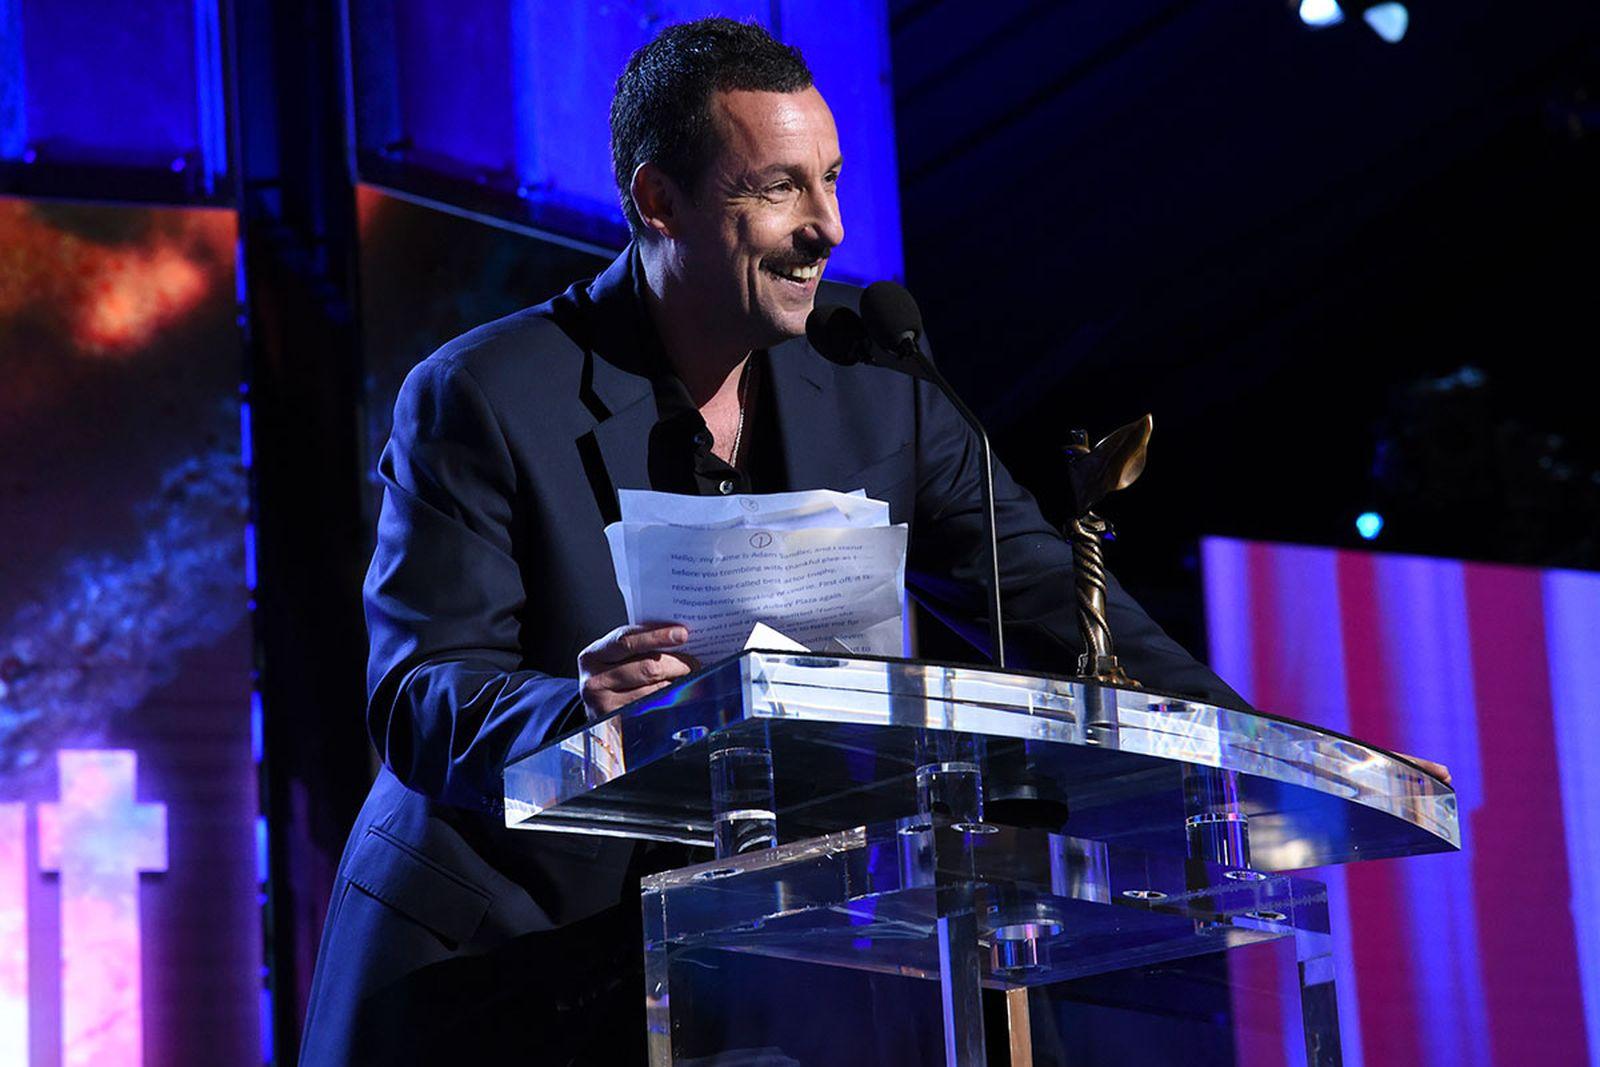 adam-sandler-spirit-awards-speech-01